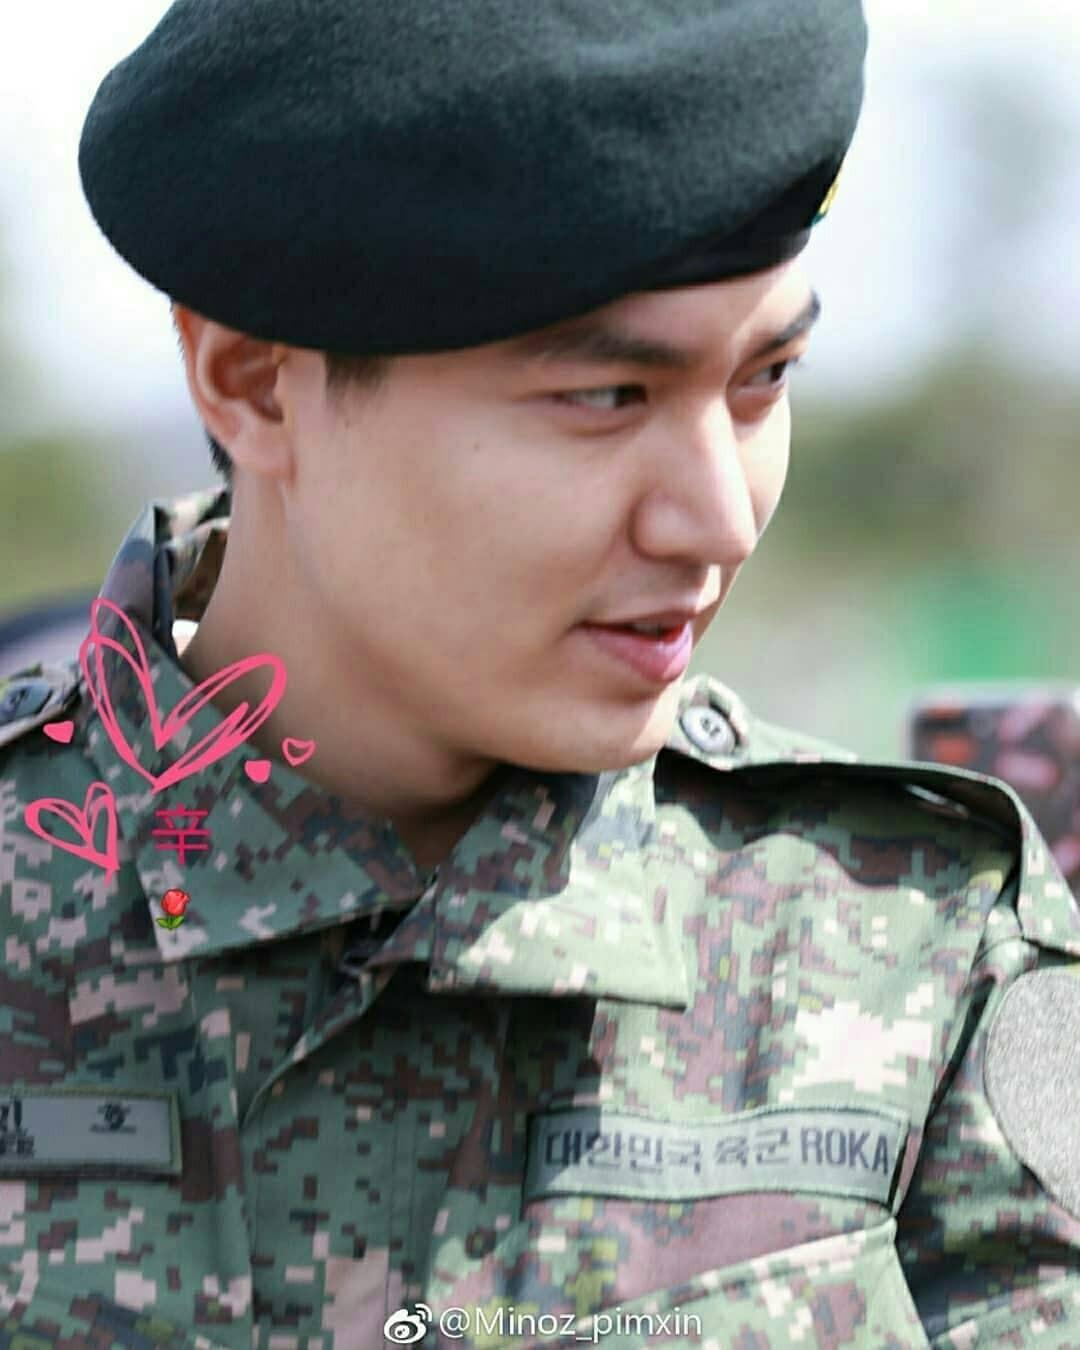 Tài tử Lee Min Ho béo phù cả mặt, ngày càng xuống sắc khi để nhan sắc mộc 100% trong quân ngũ - Ảnh 3.